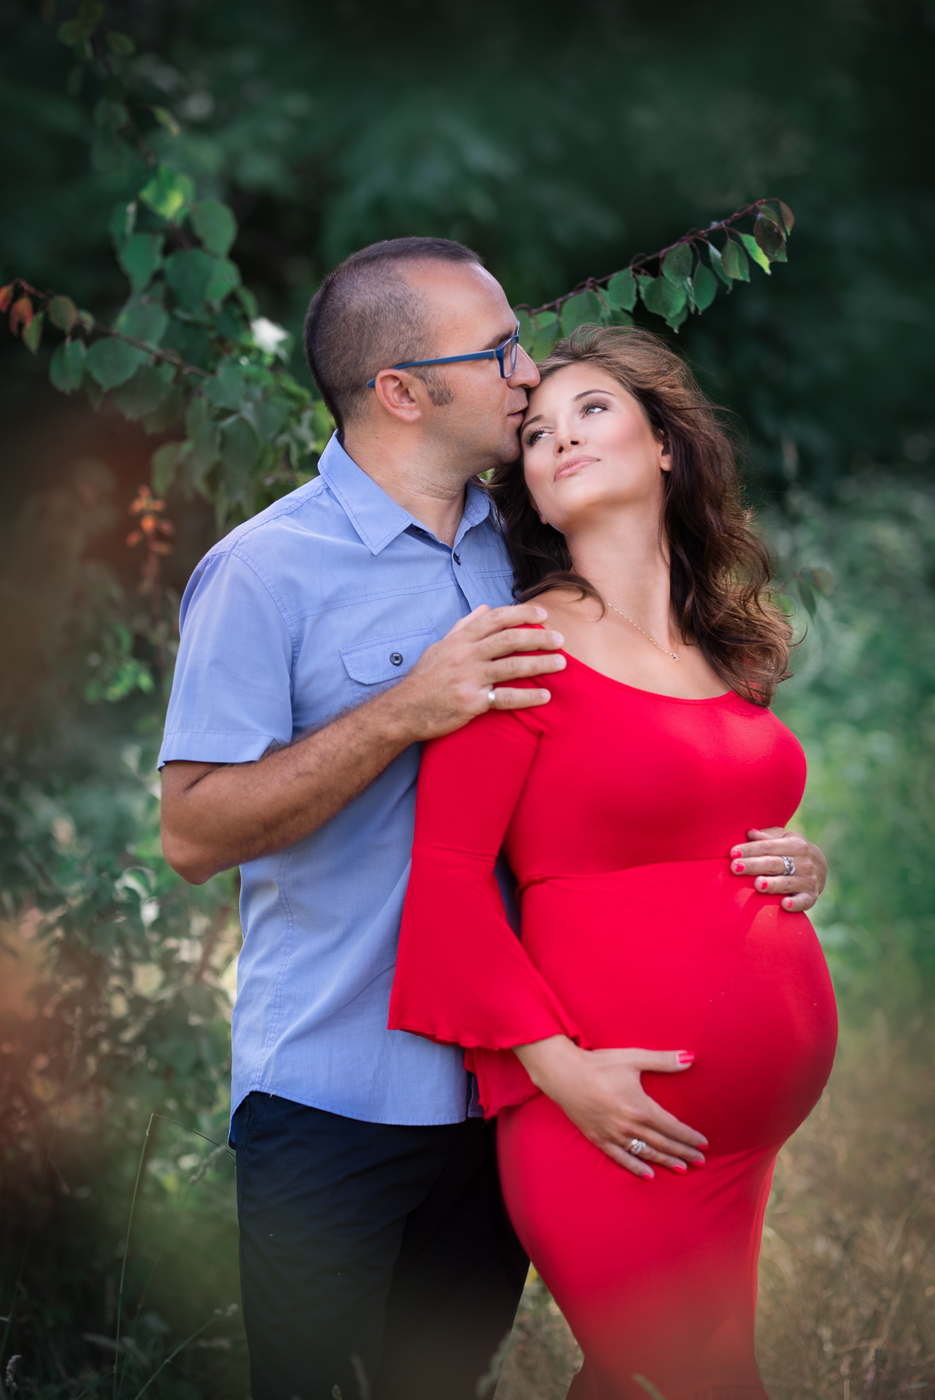 zakochana para sesja zdjęciowa ciążowa nad morzem i w lesie